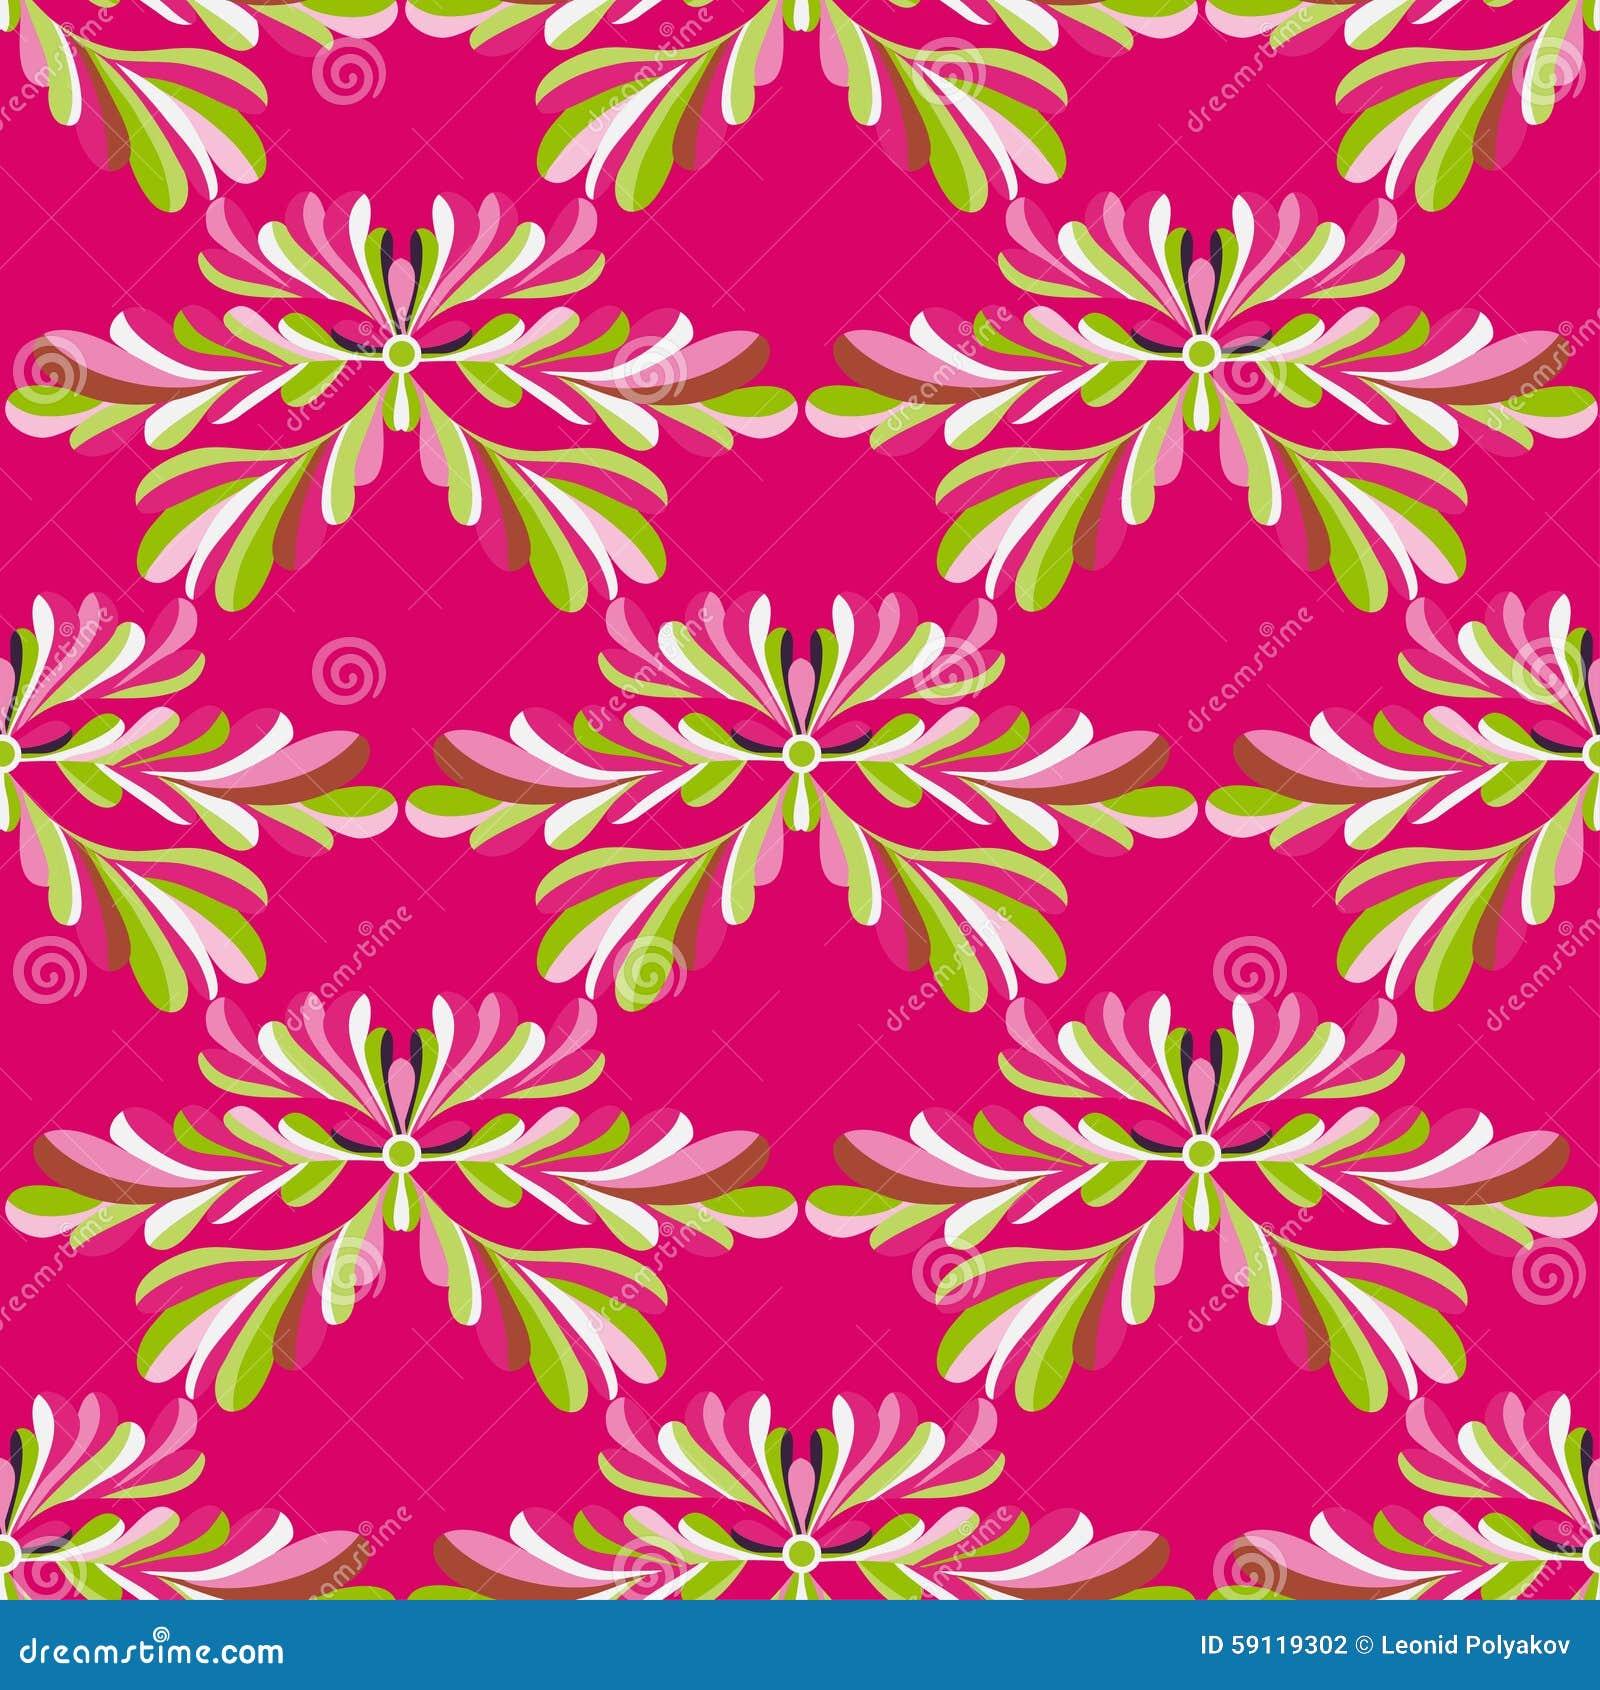 Groene bloemblaadjes van bloemen op een roze vector naadloos patroon als achtergrond